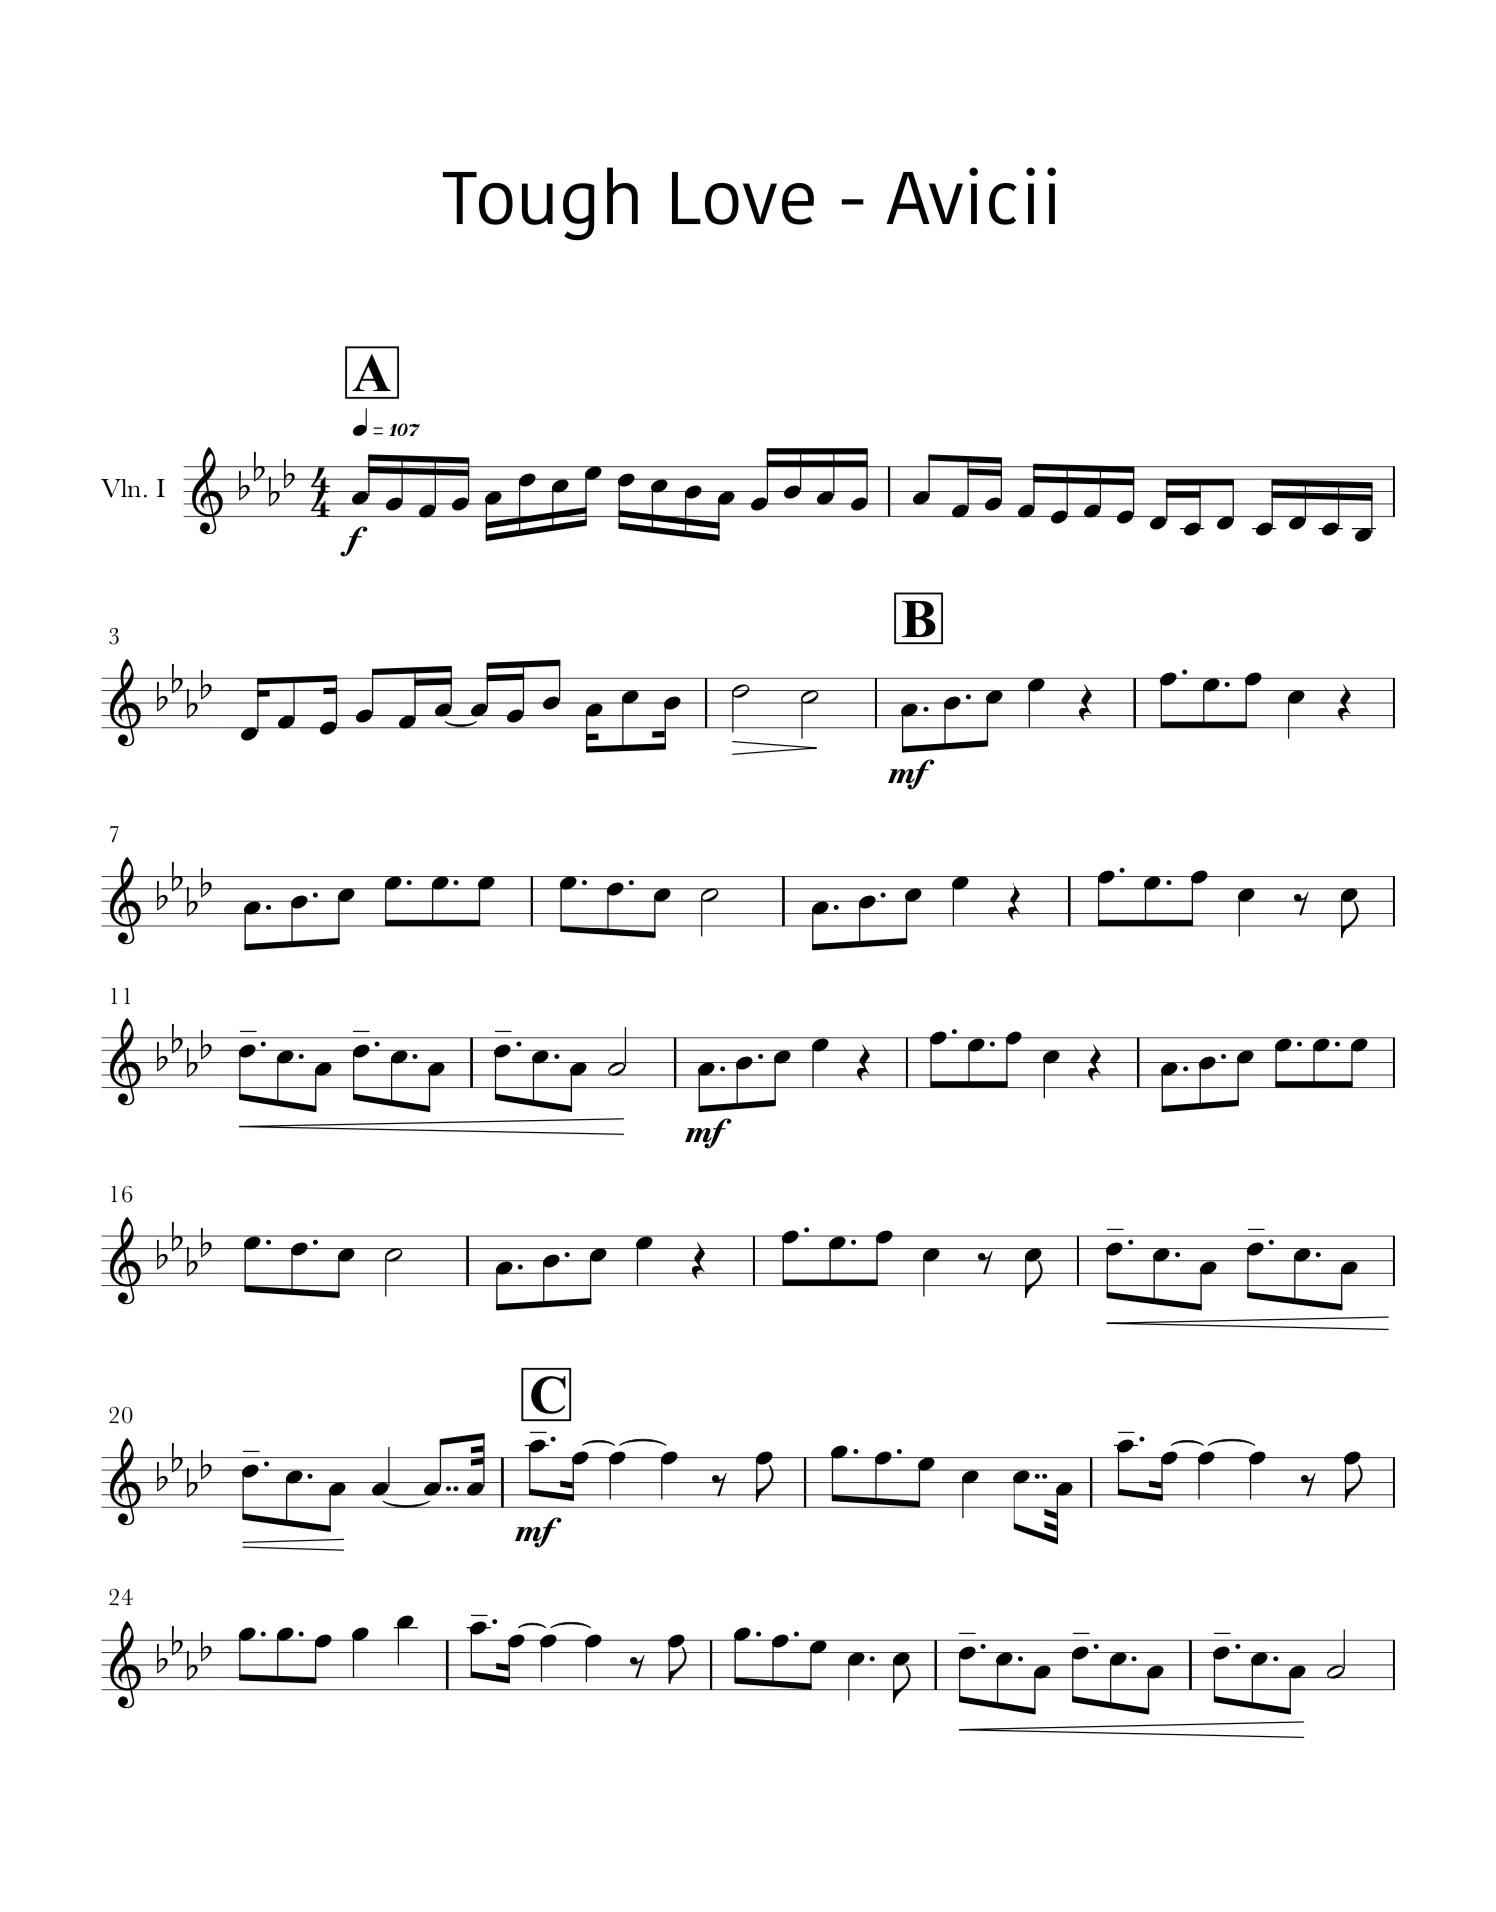 Sheet music free gratis Avicii